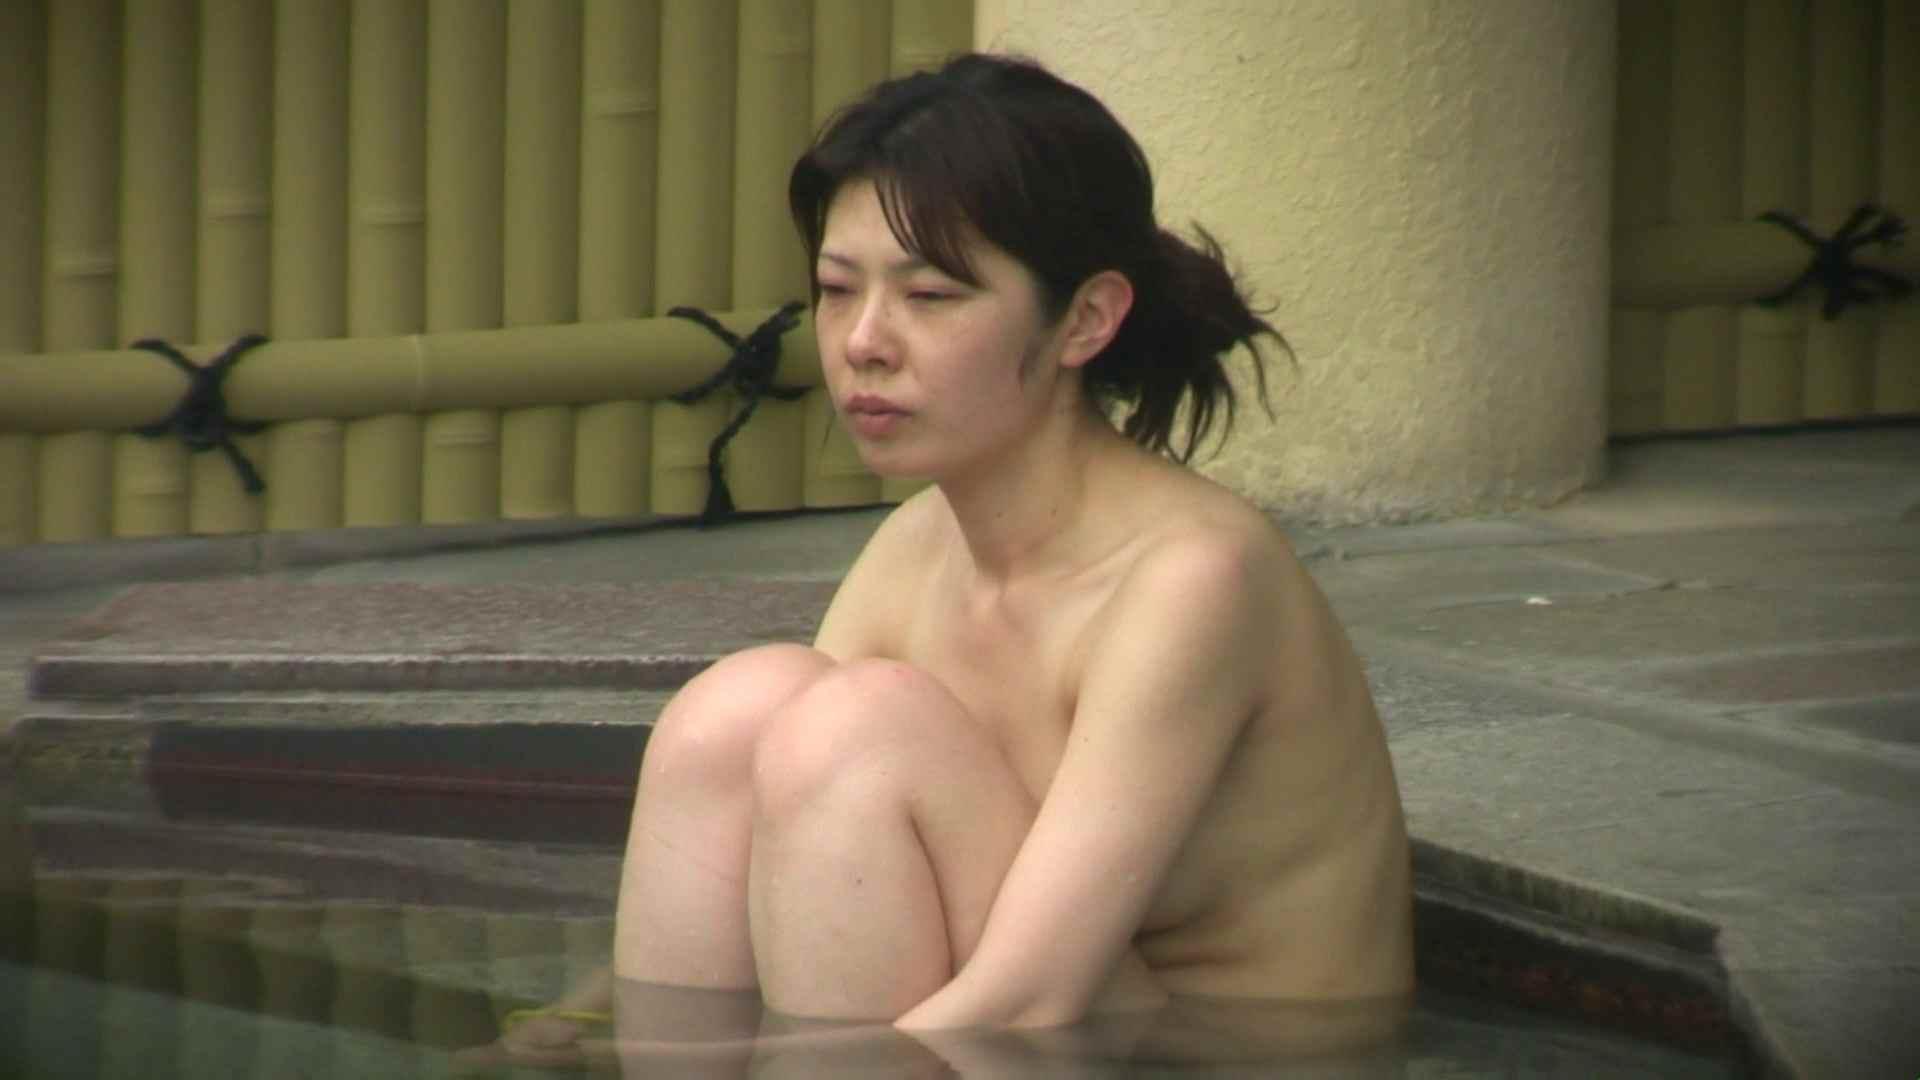 Aquaな露天風呂Vol.676 盗撮シリーズ  83PIX 50